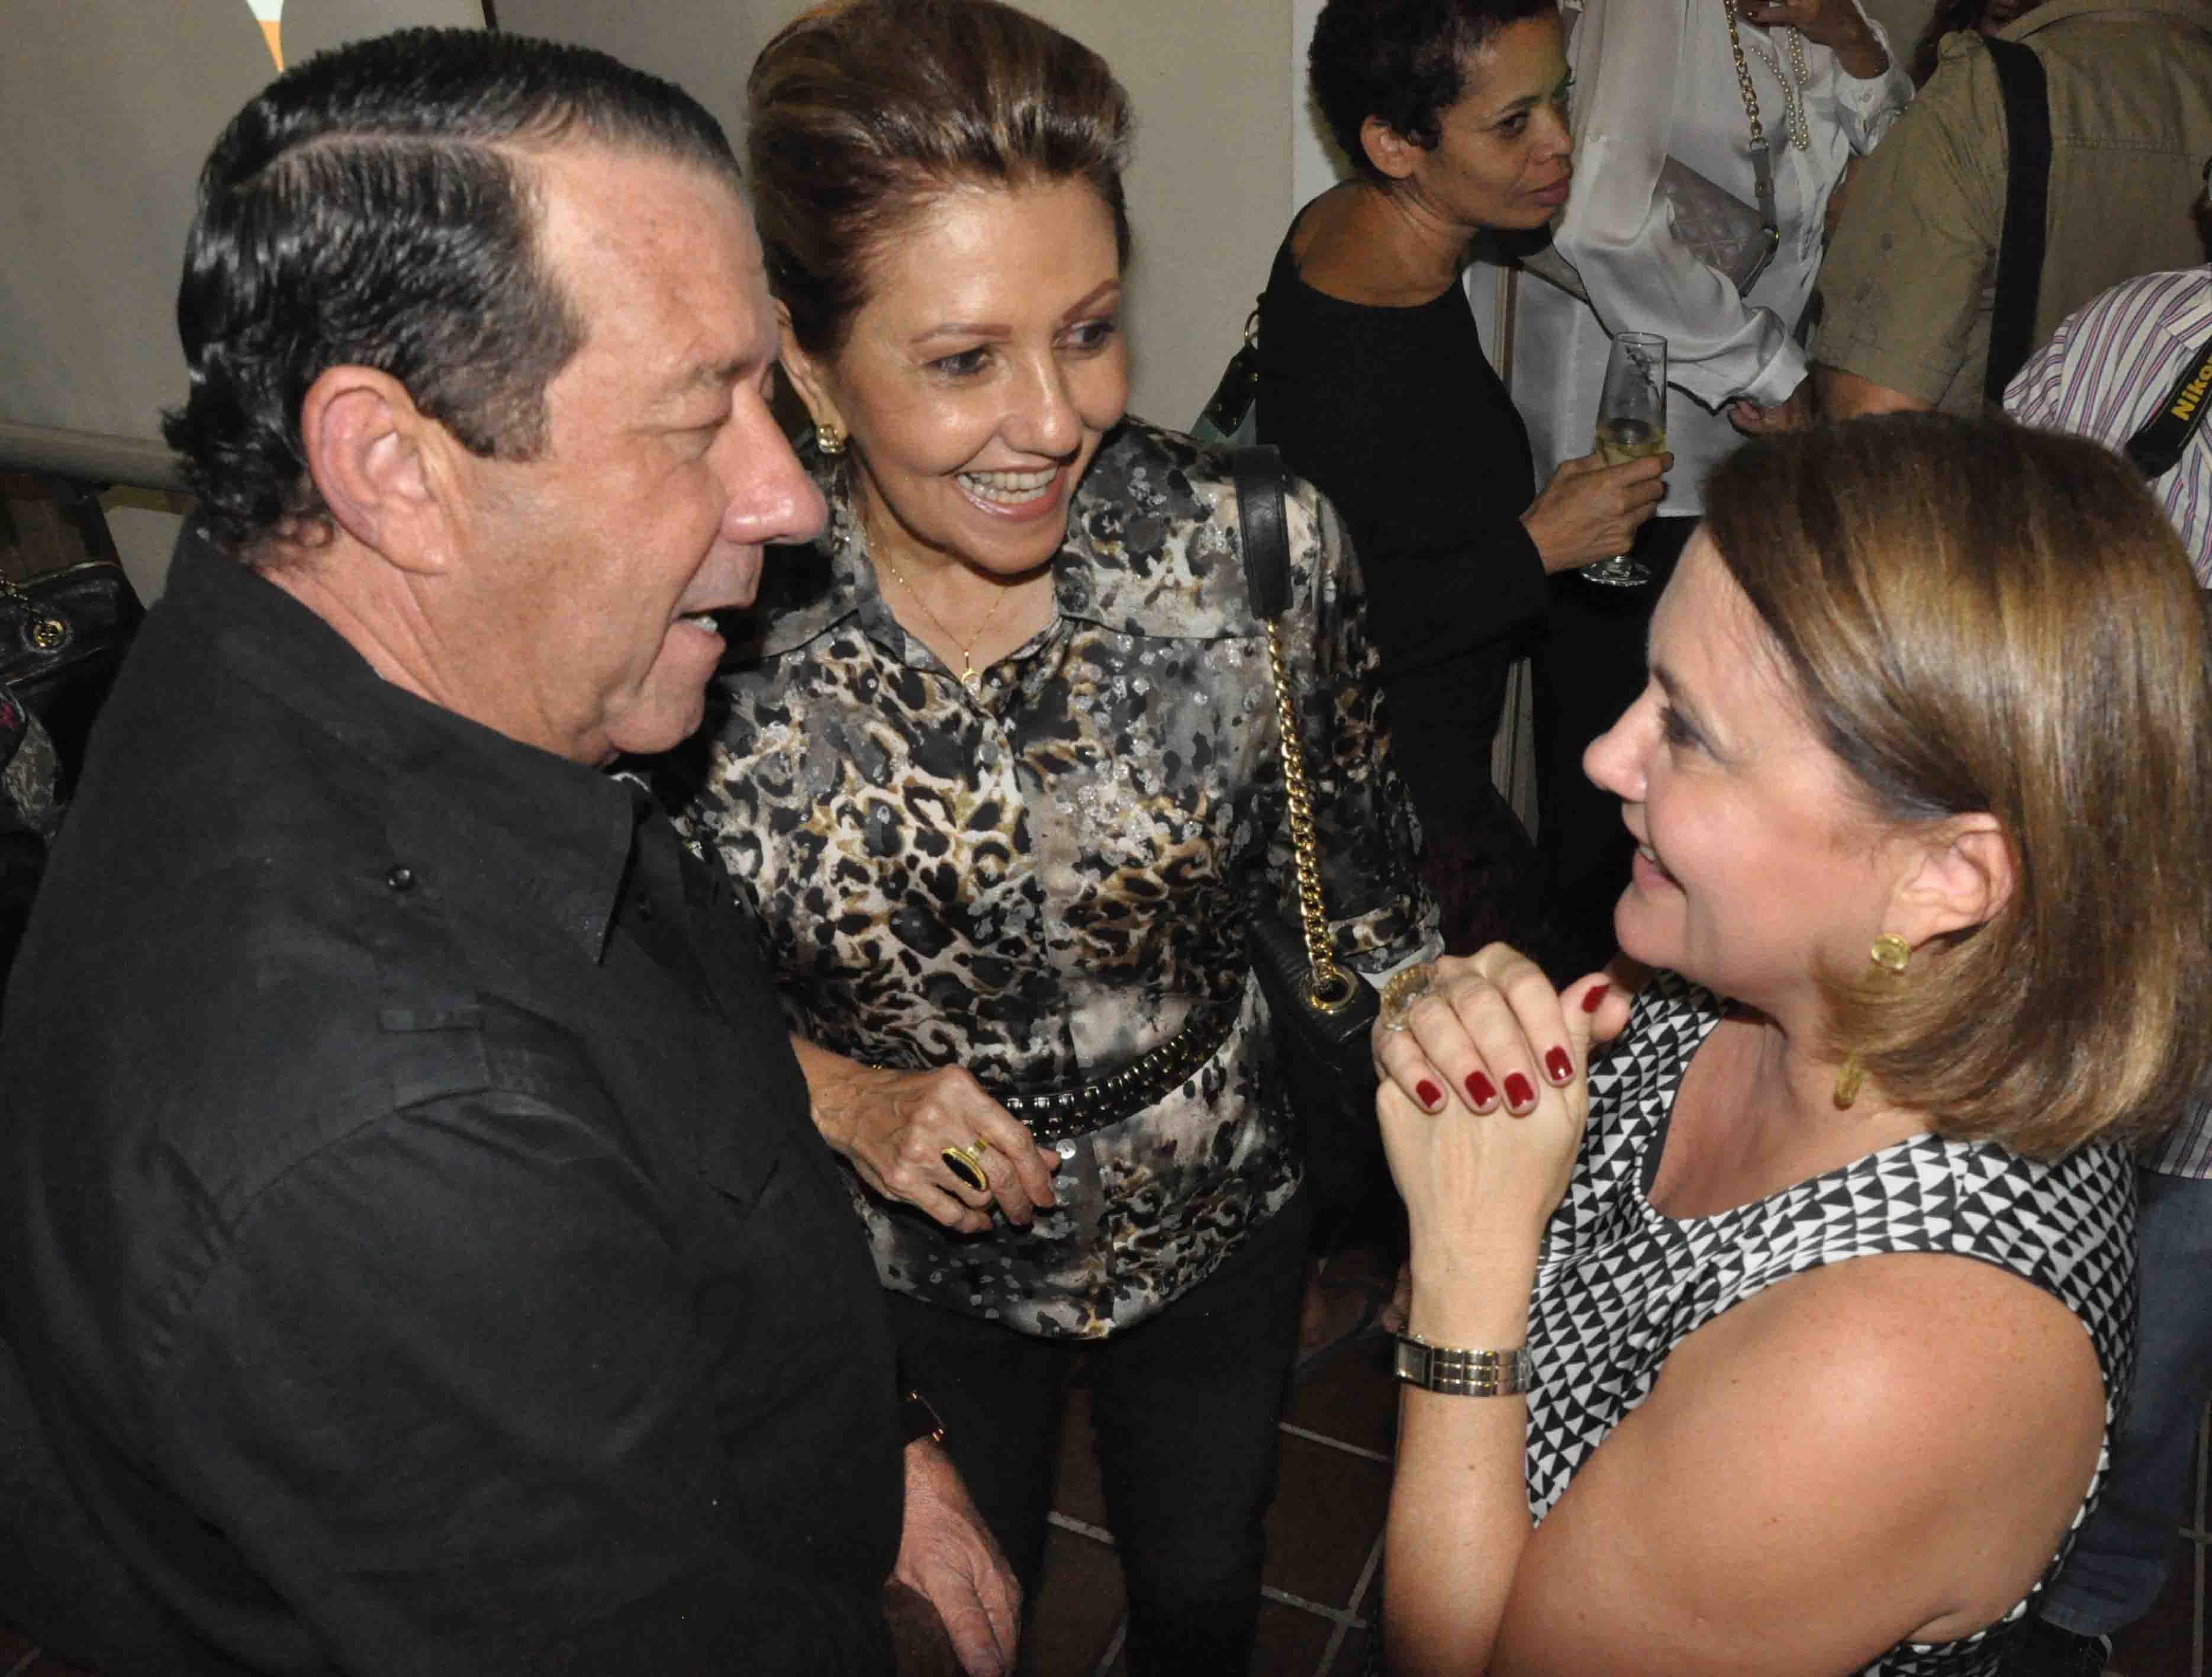 #TBT de uma noite especial nos salões do Solar Bela Vista, com a presença do casal Versailles Ronaldo Melo/Marília batendo papo com a abelhinha Eliana Lima.